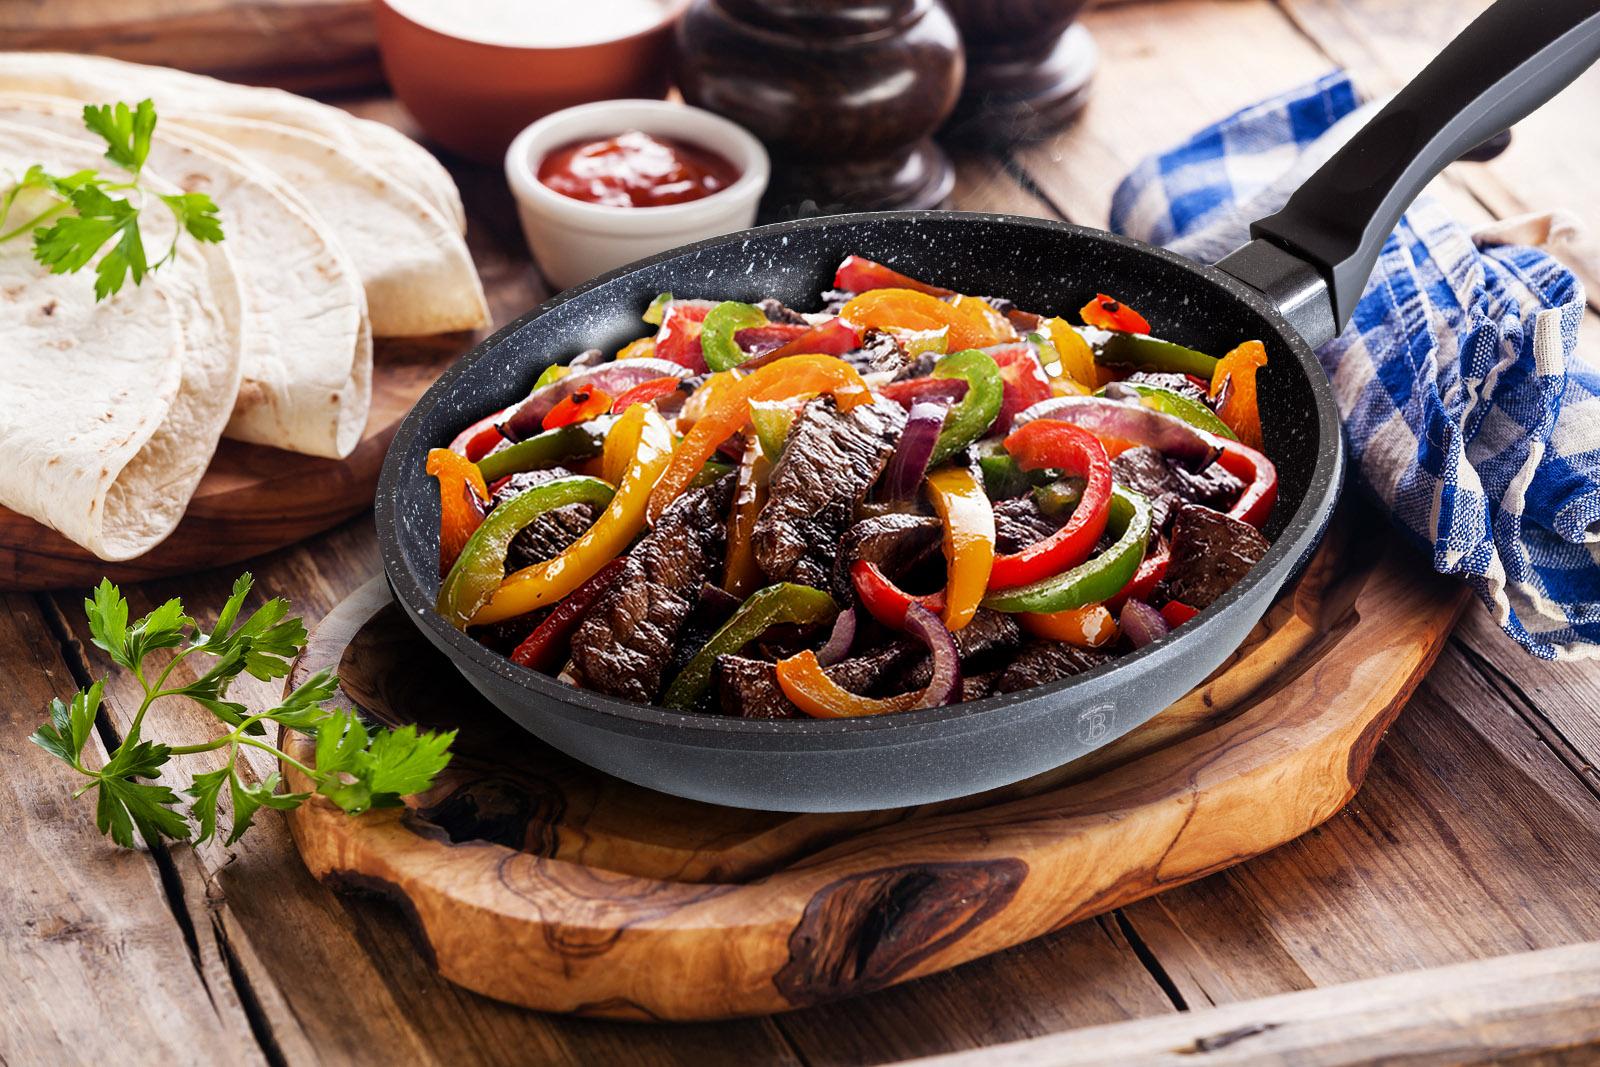 Сковороды с покрытием гранит - фото Гранитная сковорода с мясом